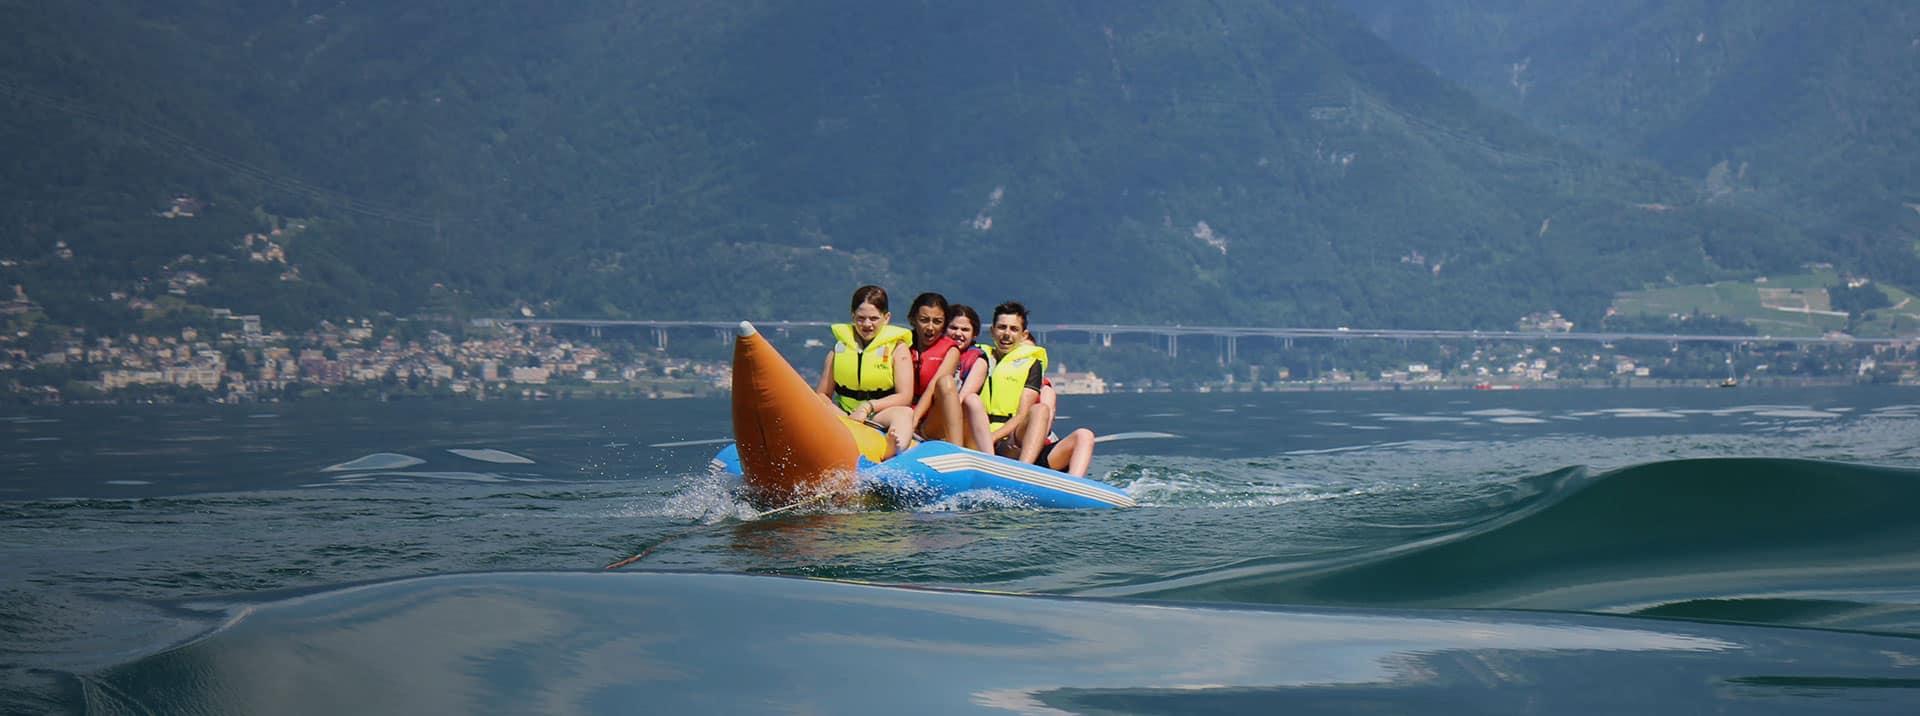 Discover Prefléuri's Summer Programs 2020